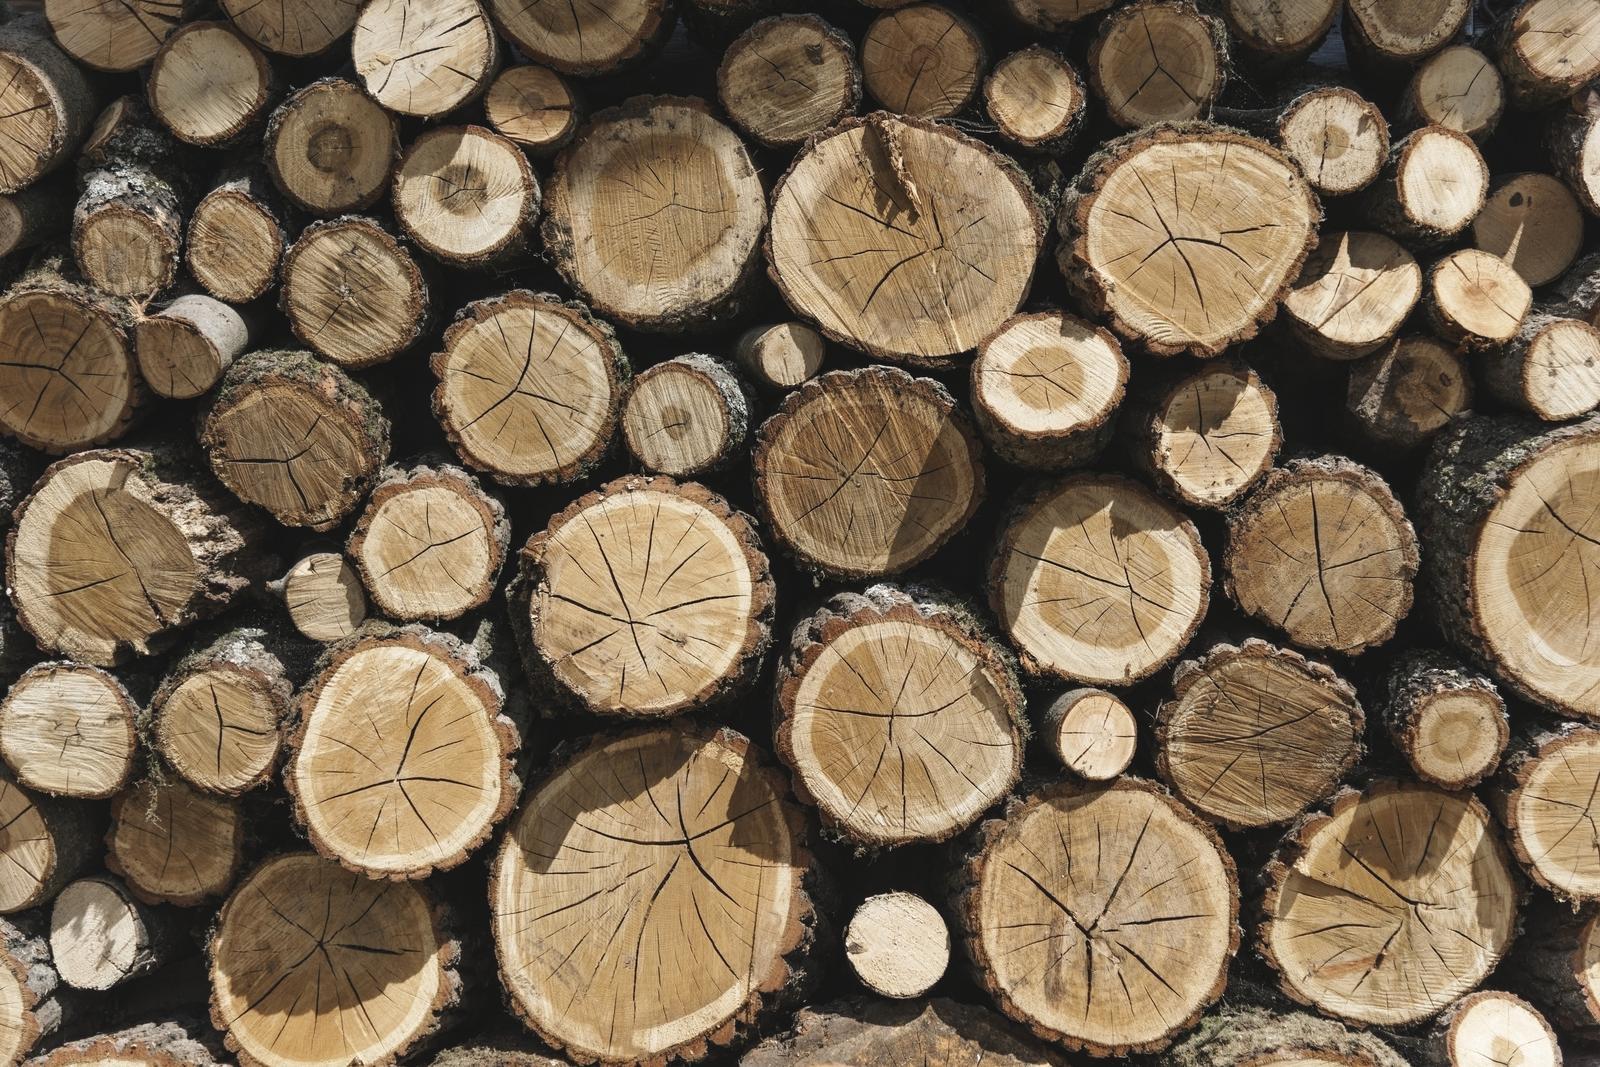 Logging in Lääne-Viru county